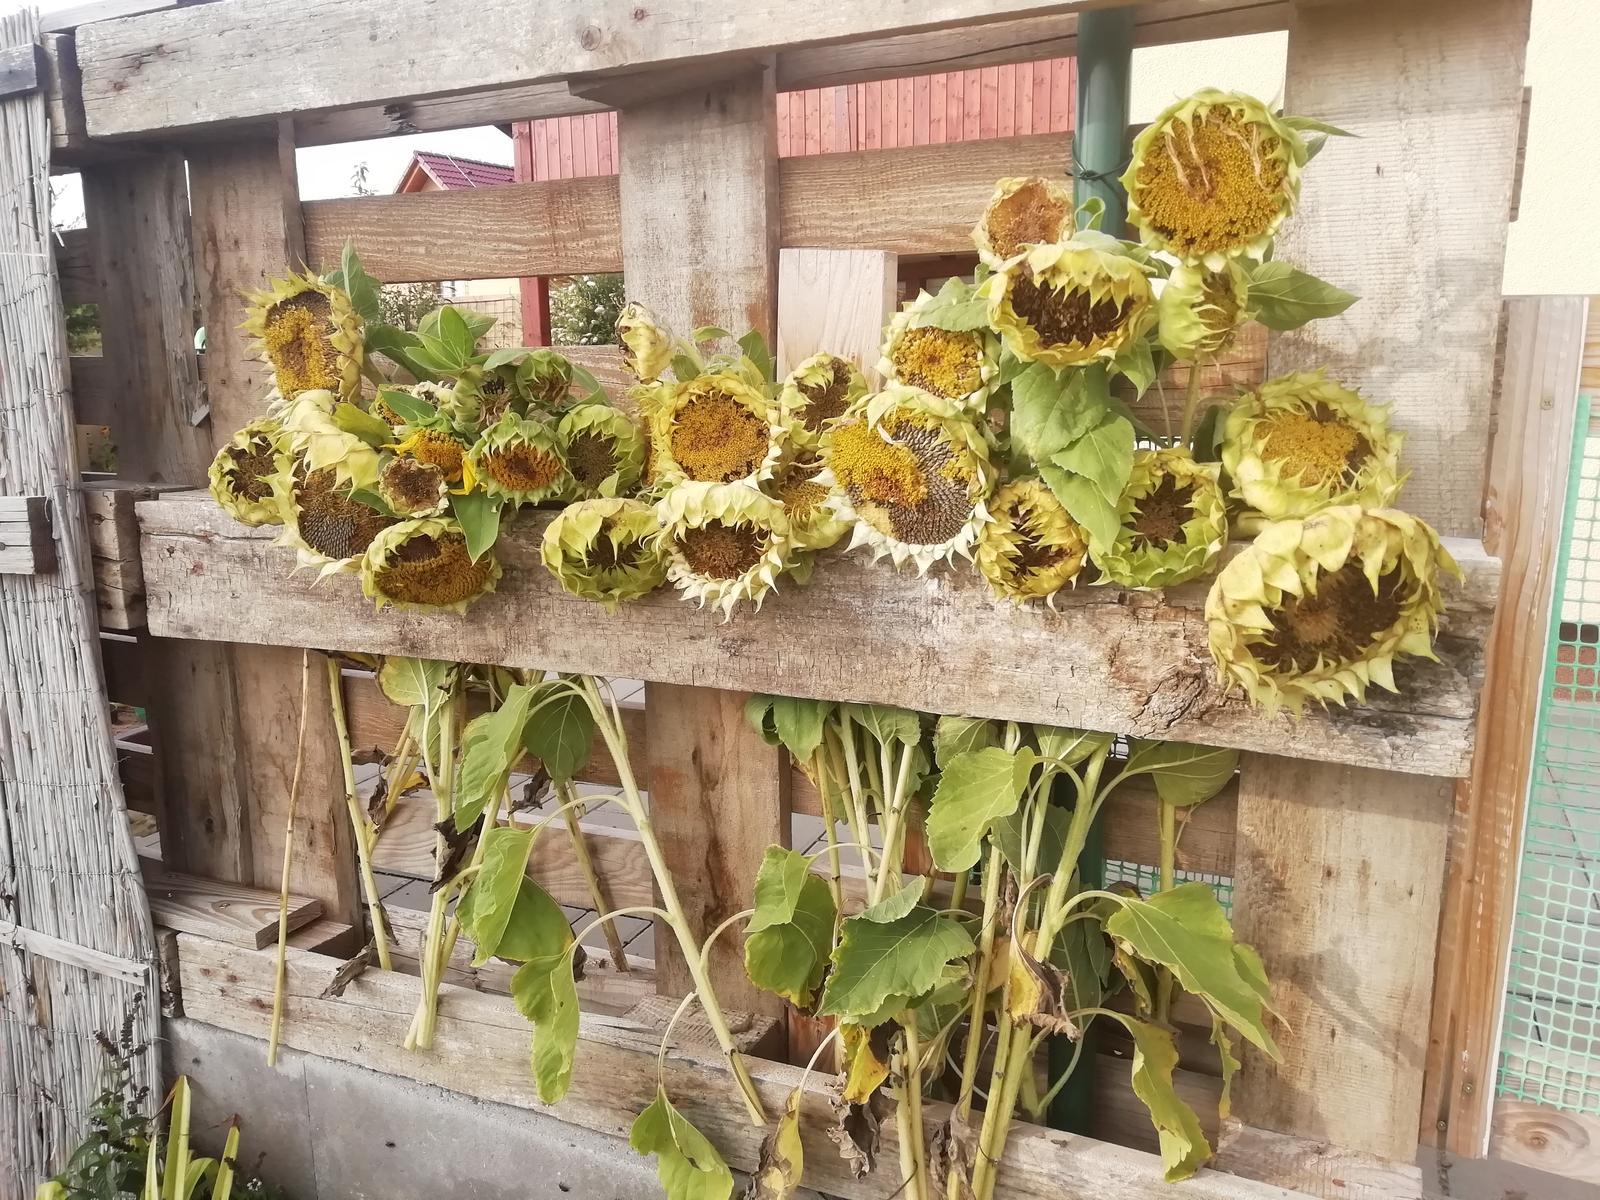 Venku (tam kde už to nevypadá jako staveniště) - Ptačí bufet 🙂 v záhonu už slunečnice nedělali parádu, ale sýkorky si je létají vyzobávat, tak jsem jim je nechala takto.